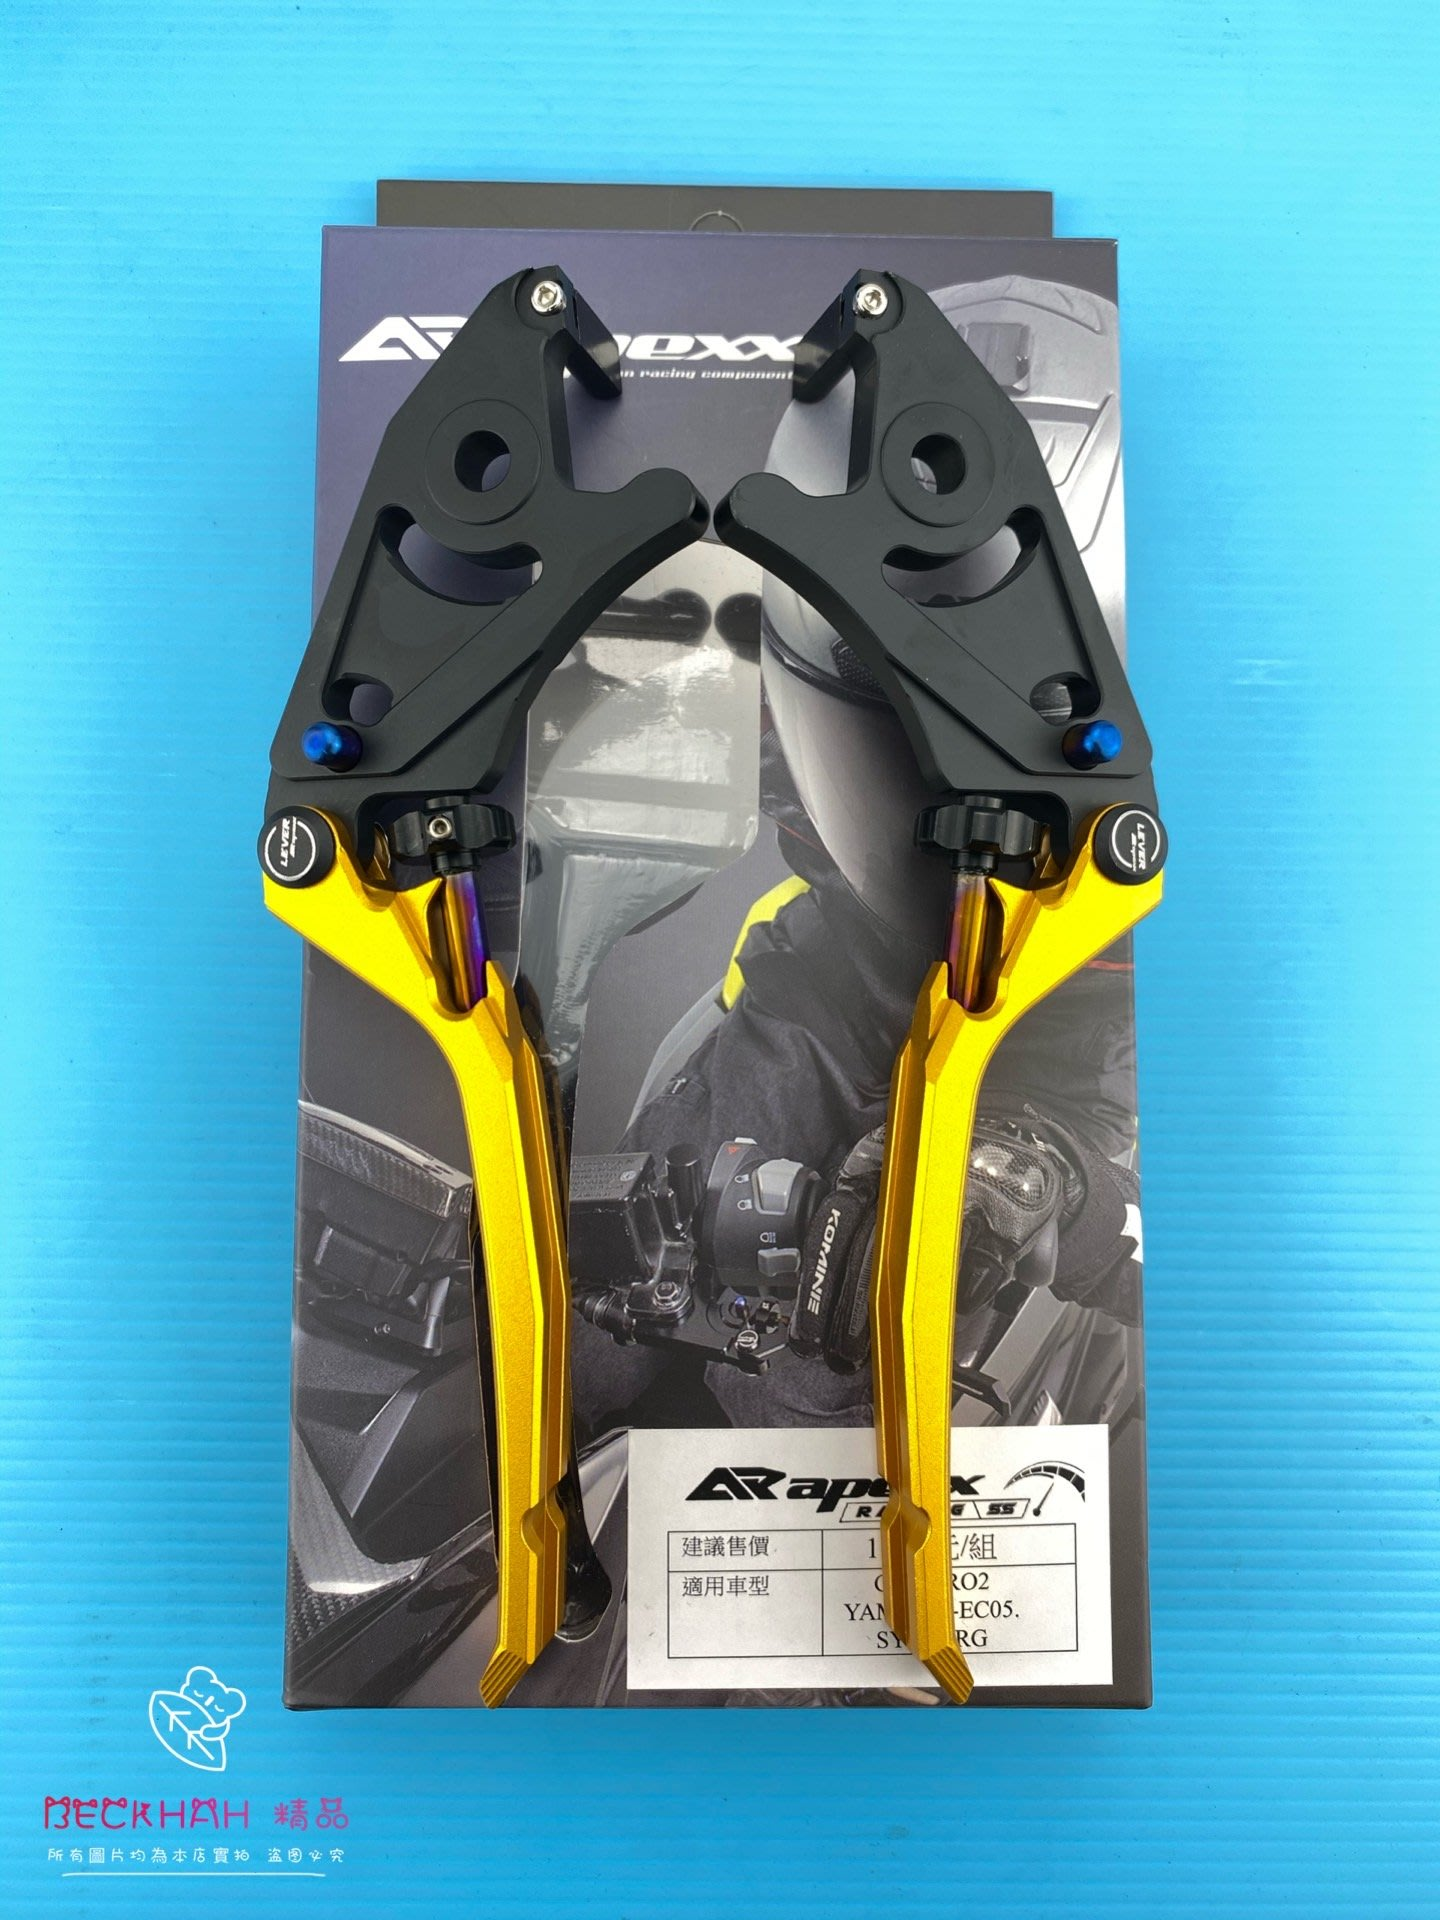 小貝精品 APEX LEVER 煞車拉桿 適用 EC-05 GOGORO2 3 DRG 雙柱車15段敏銳調整 金